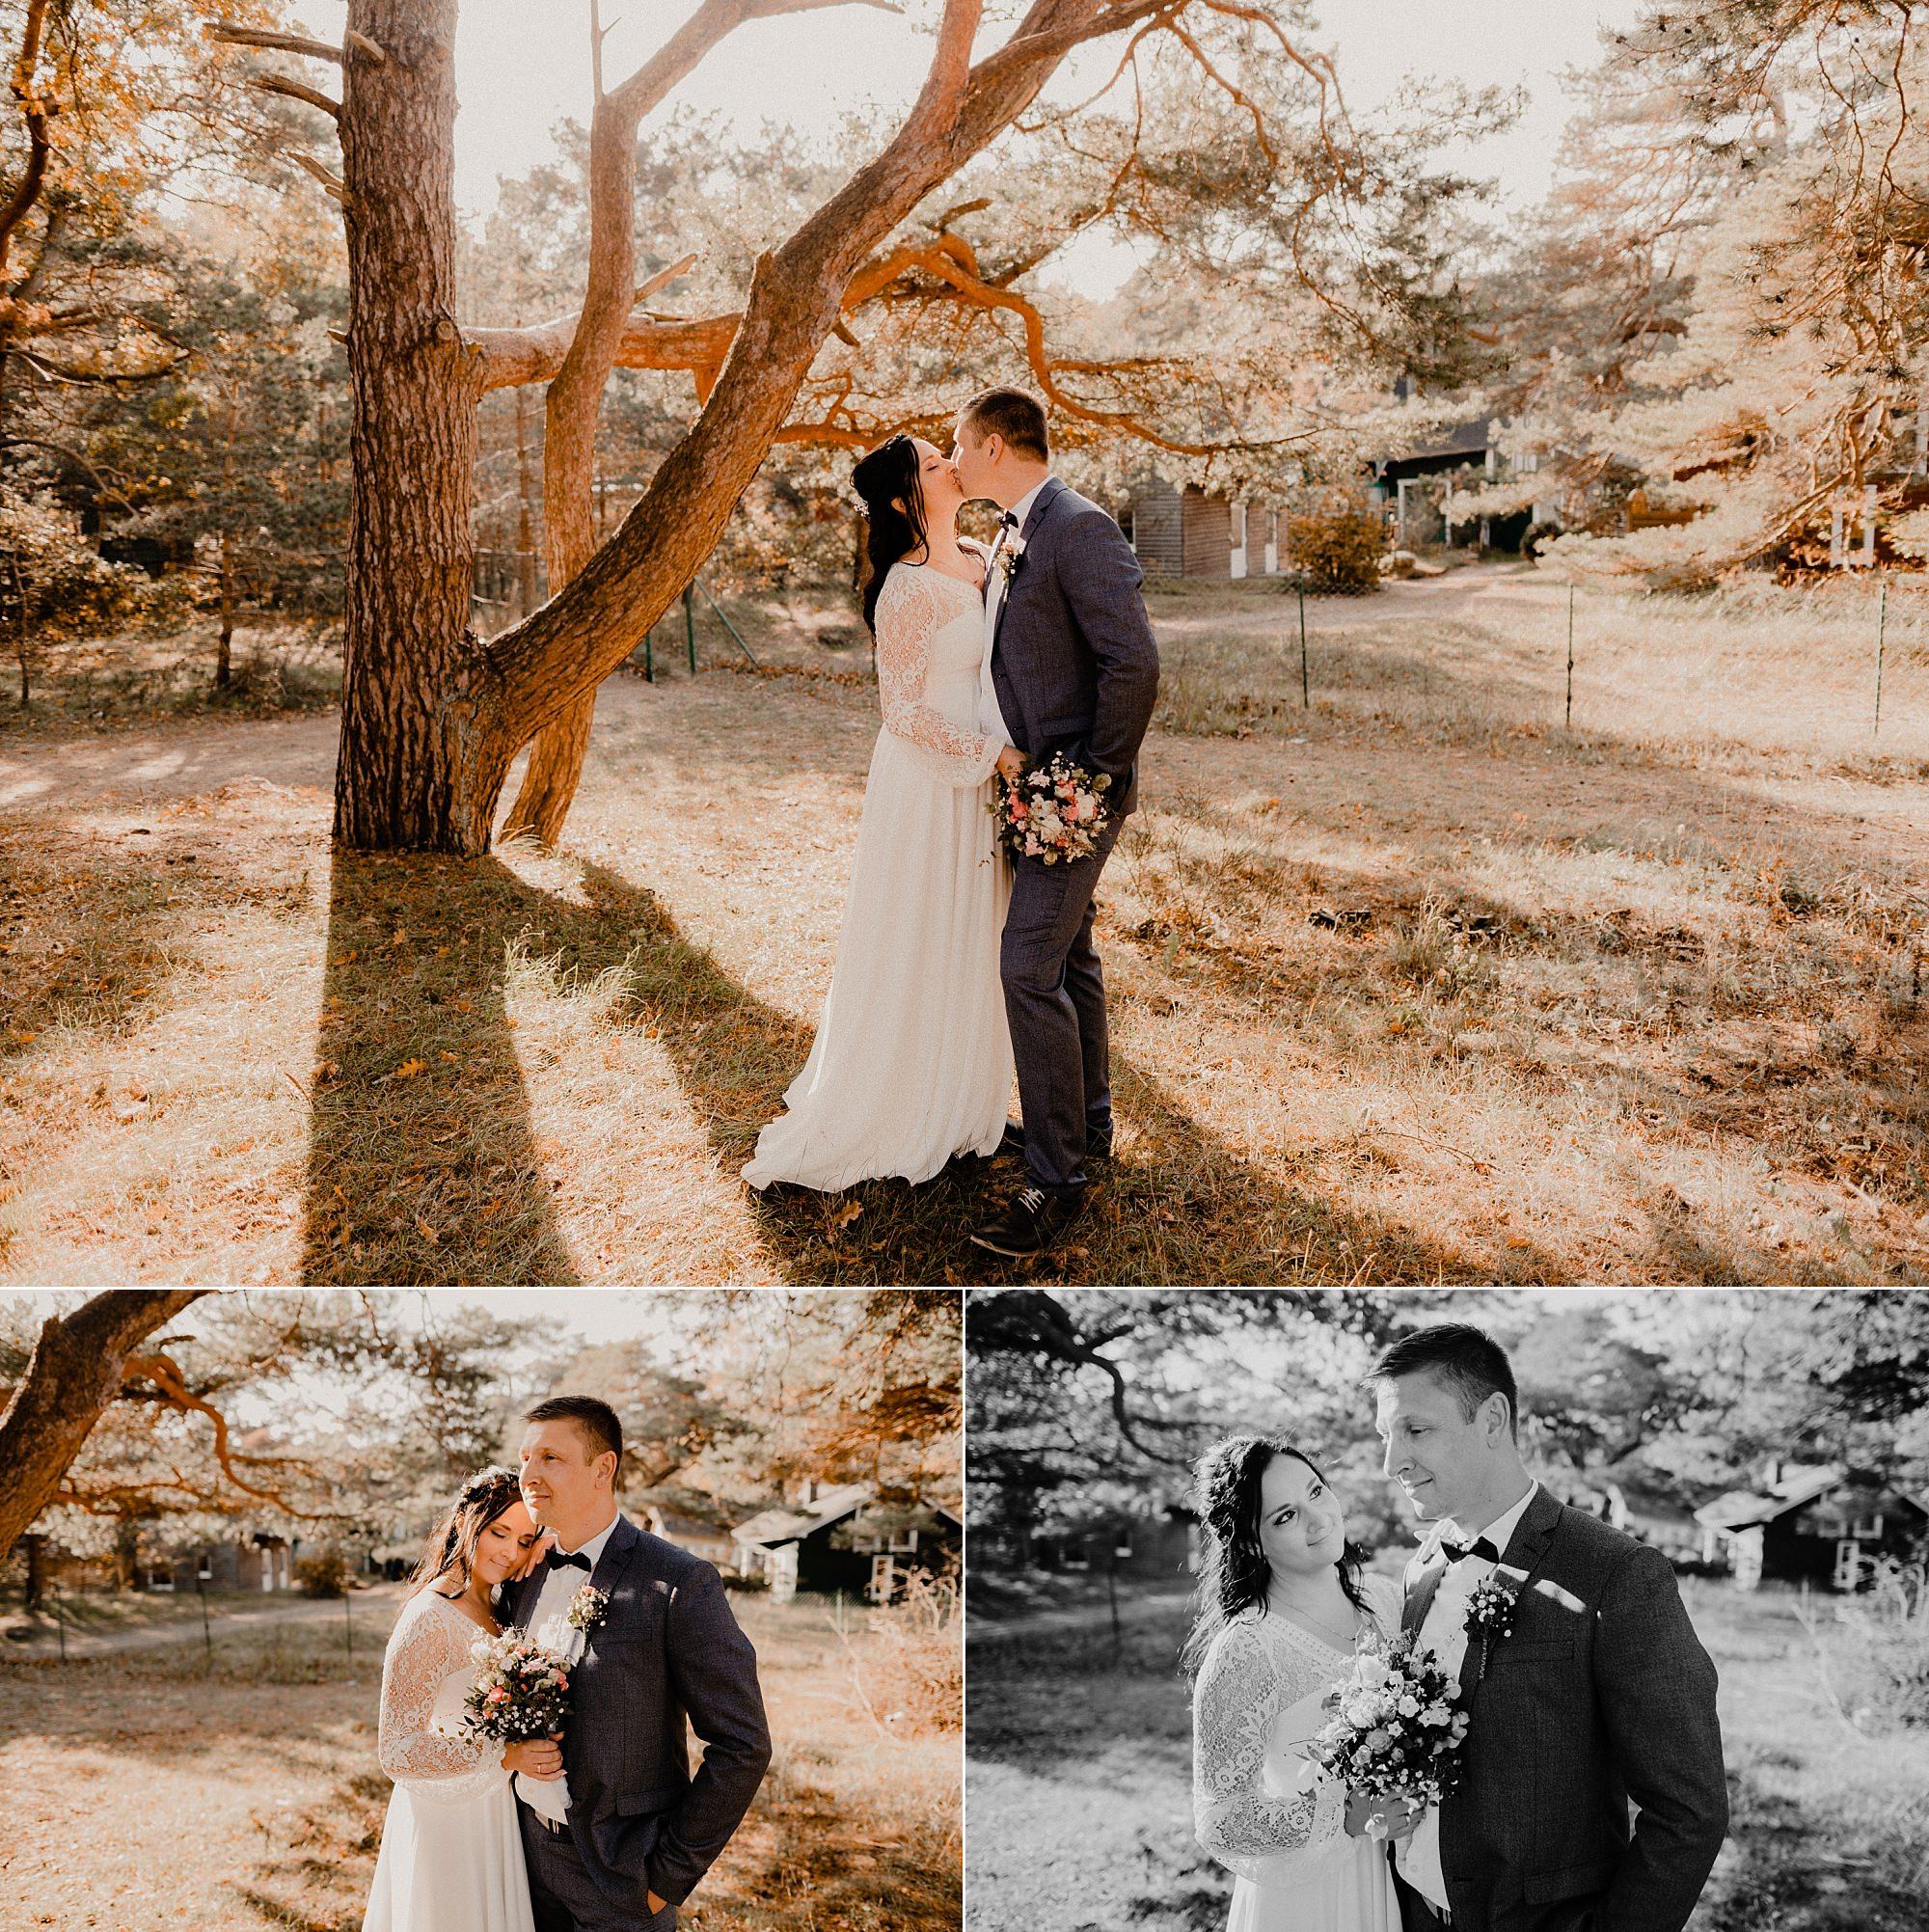 Hochzeitsfotograf - Standesamt Baabe - Hochzeitsfotos - Rügen - Fotoshooting - Brautpaar - Hochzeitsfotografie - Sassnitz - Brautpaarshooting - Insel Rügen - After Wedding Shooting - Binz